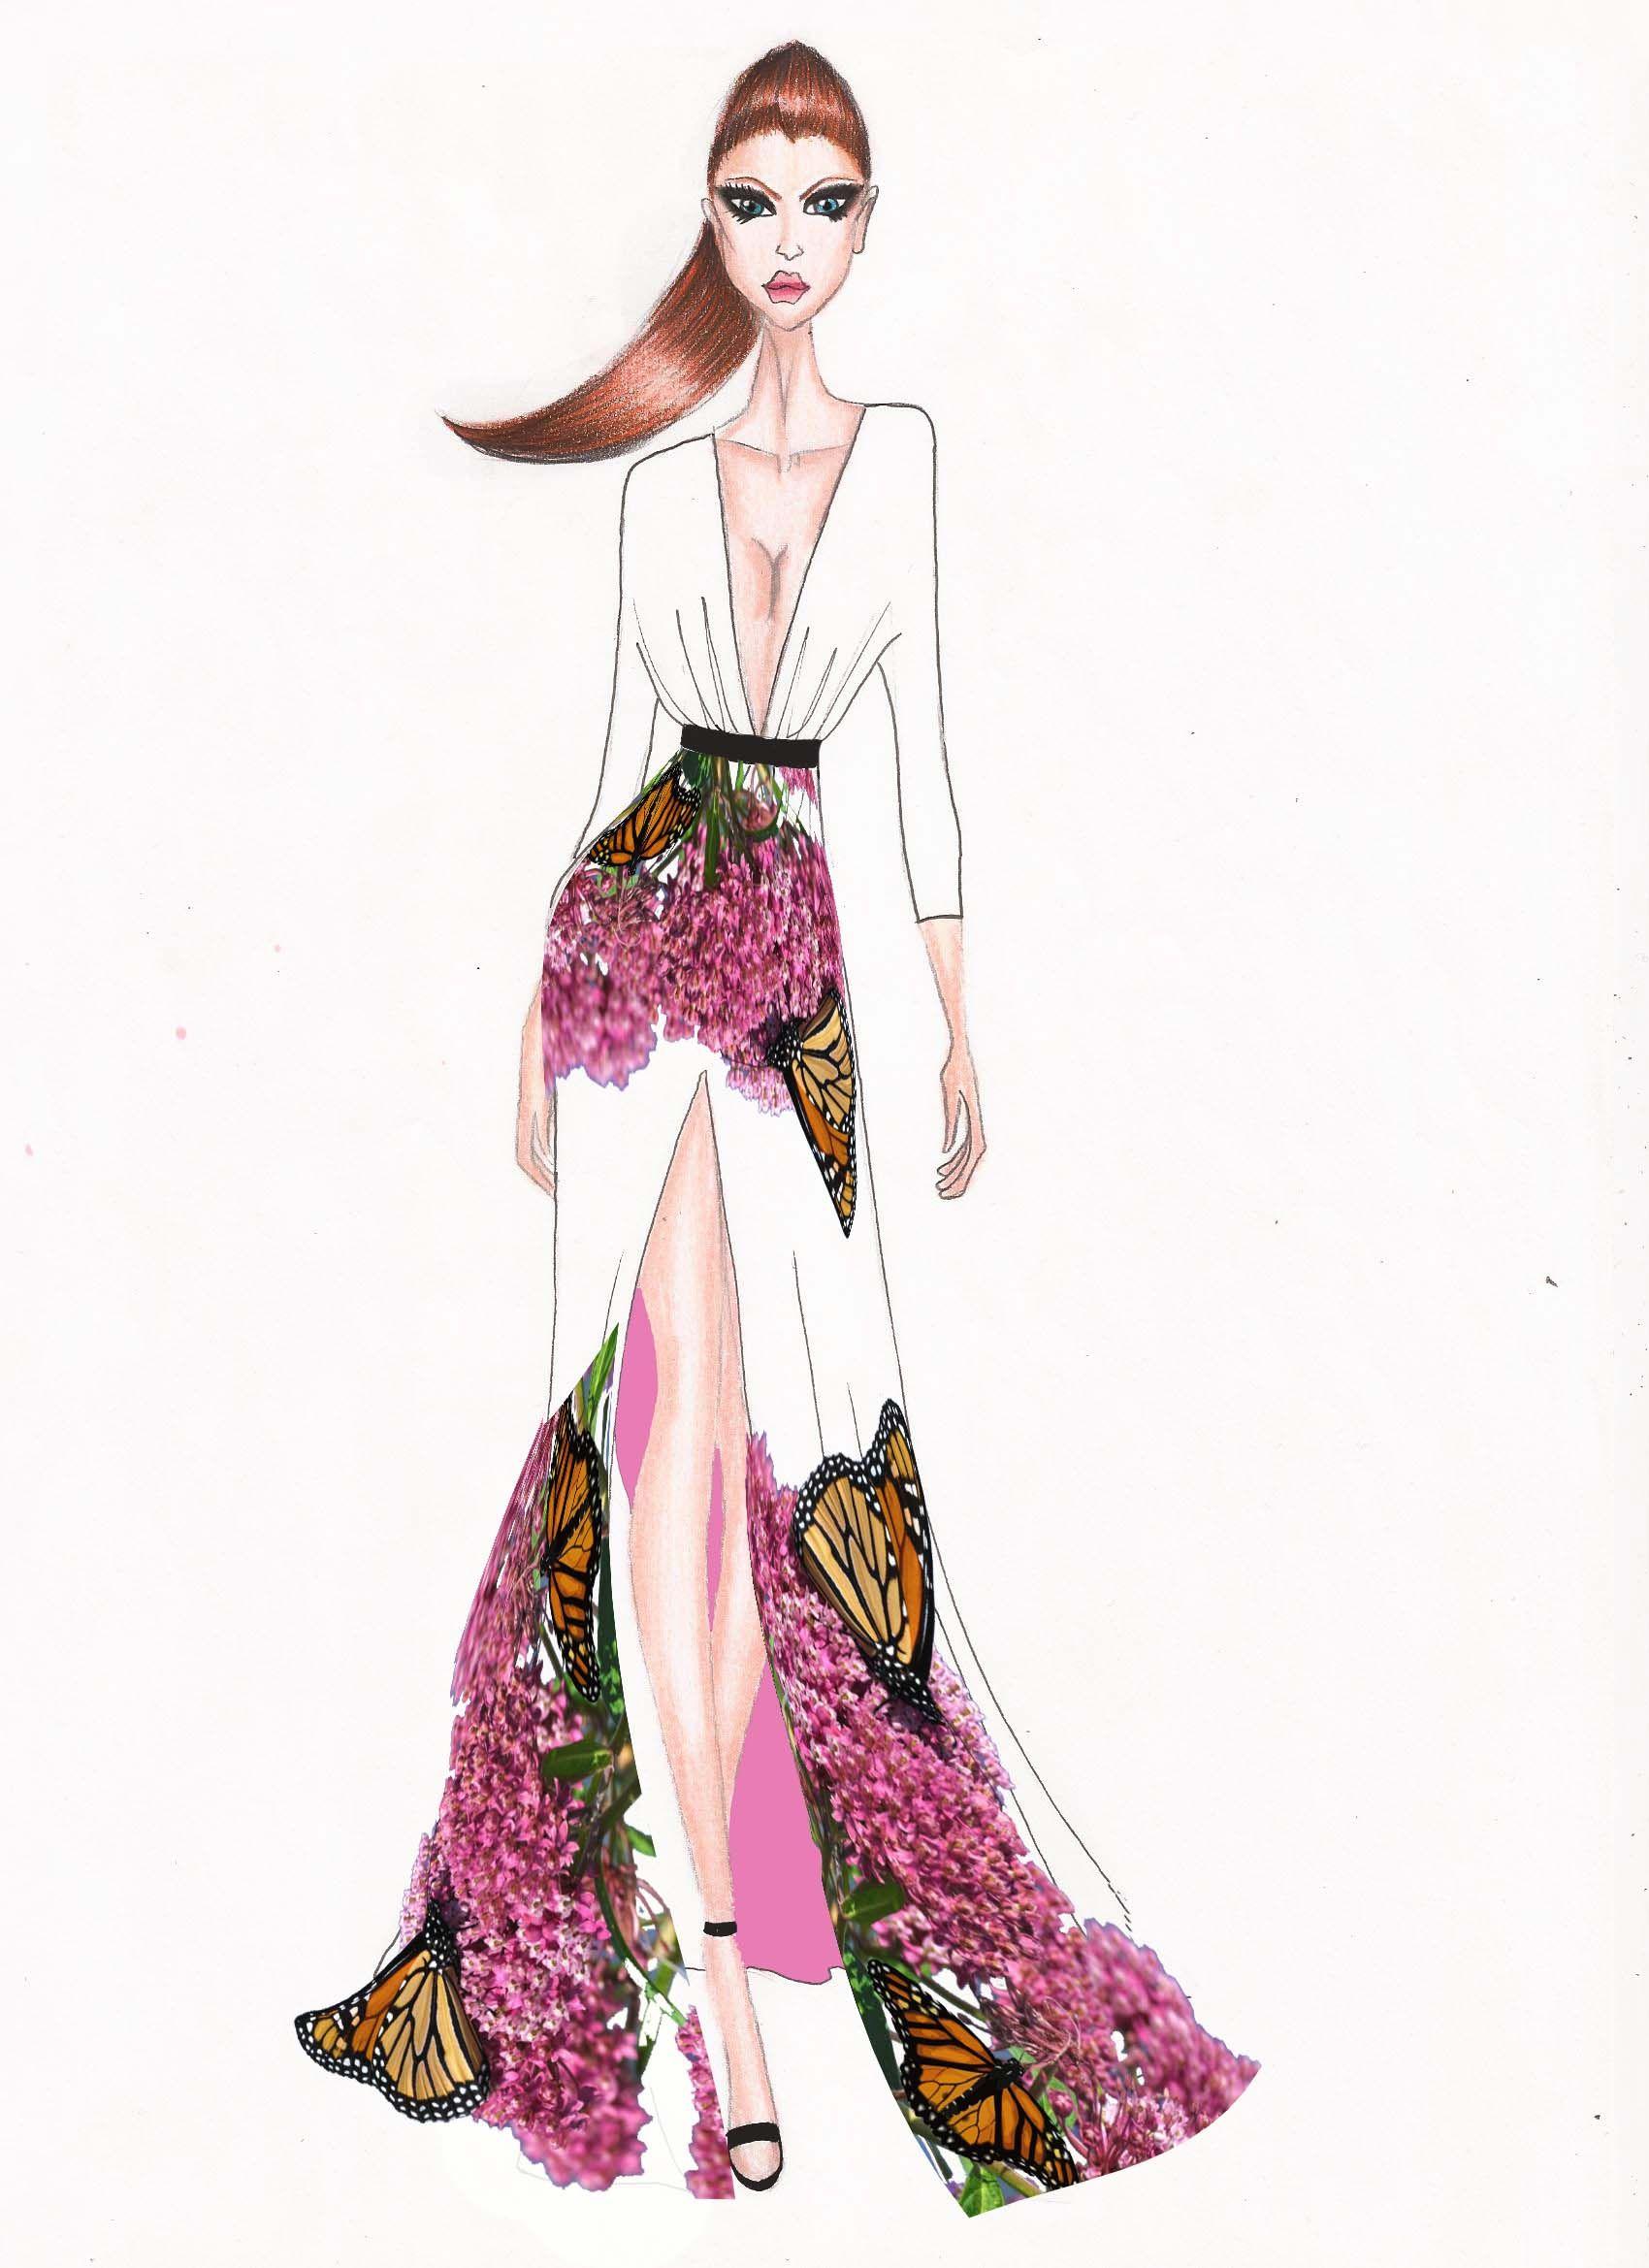 1700x2338 fashion illustration drawn in fashion art, fashion